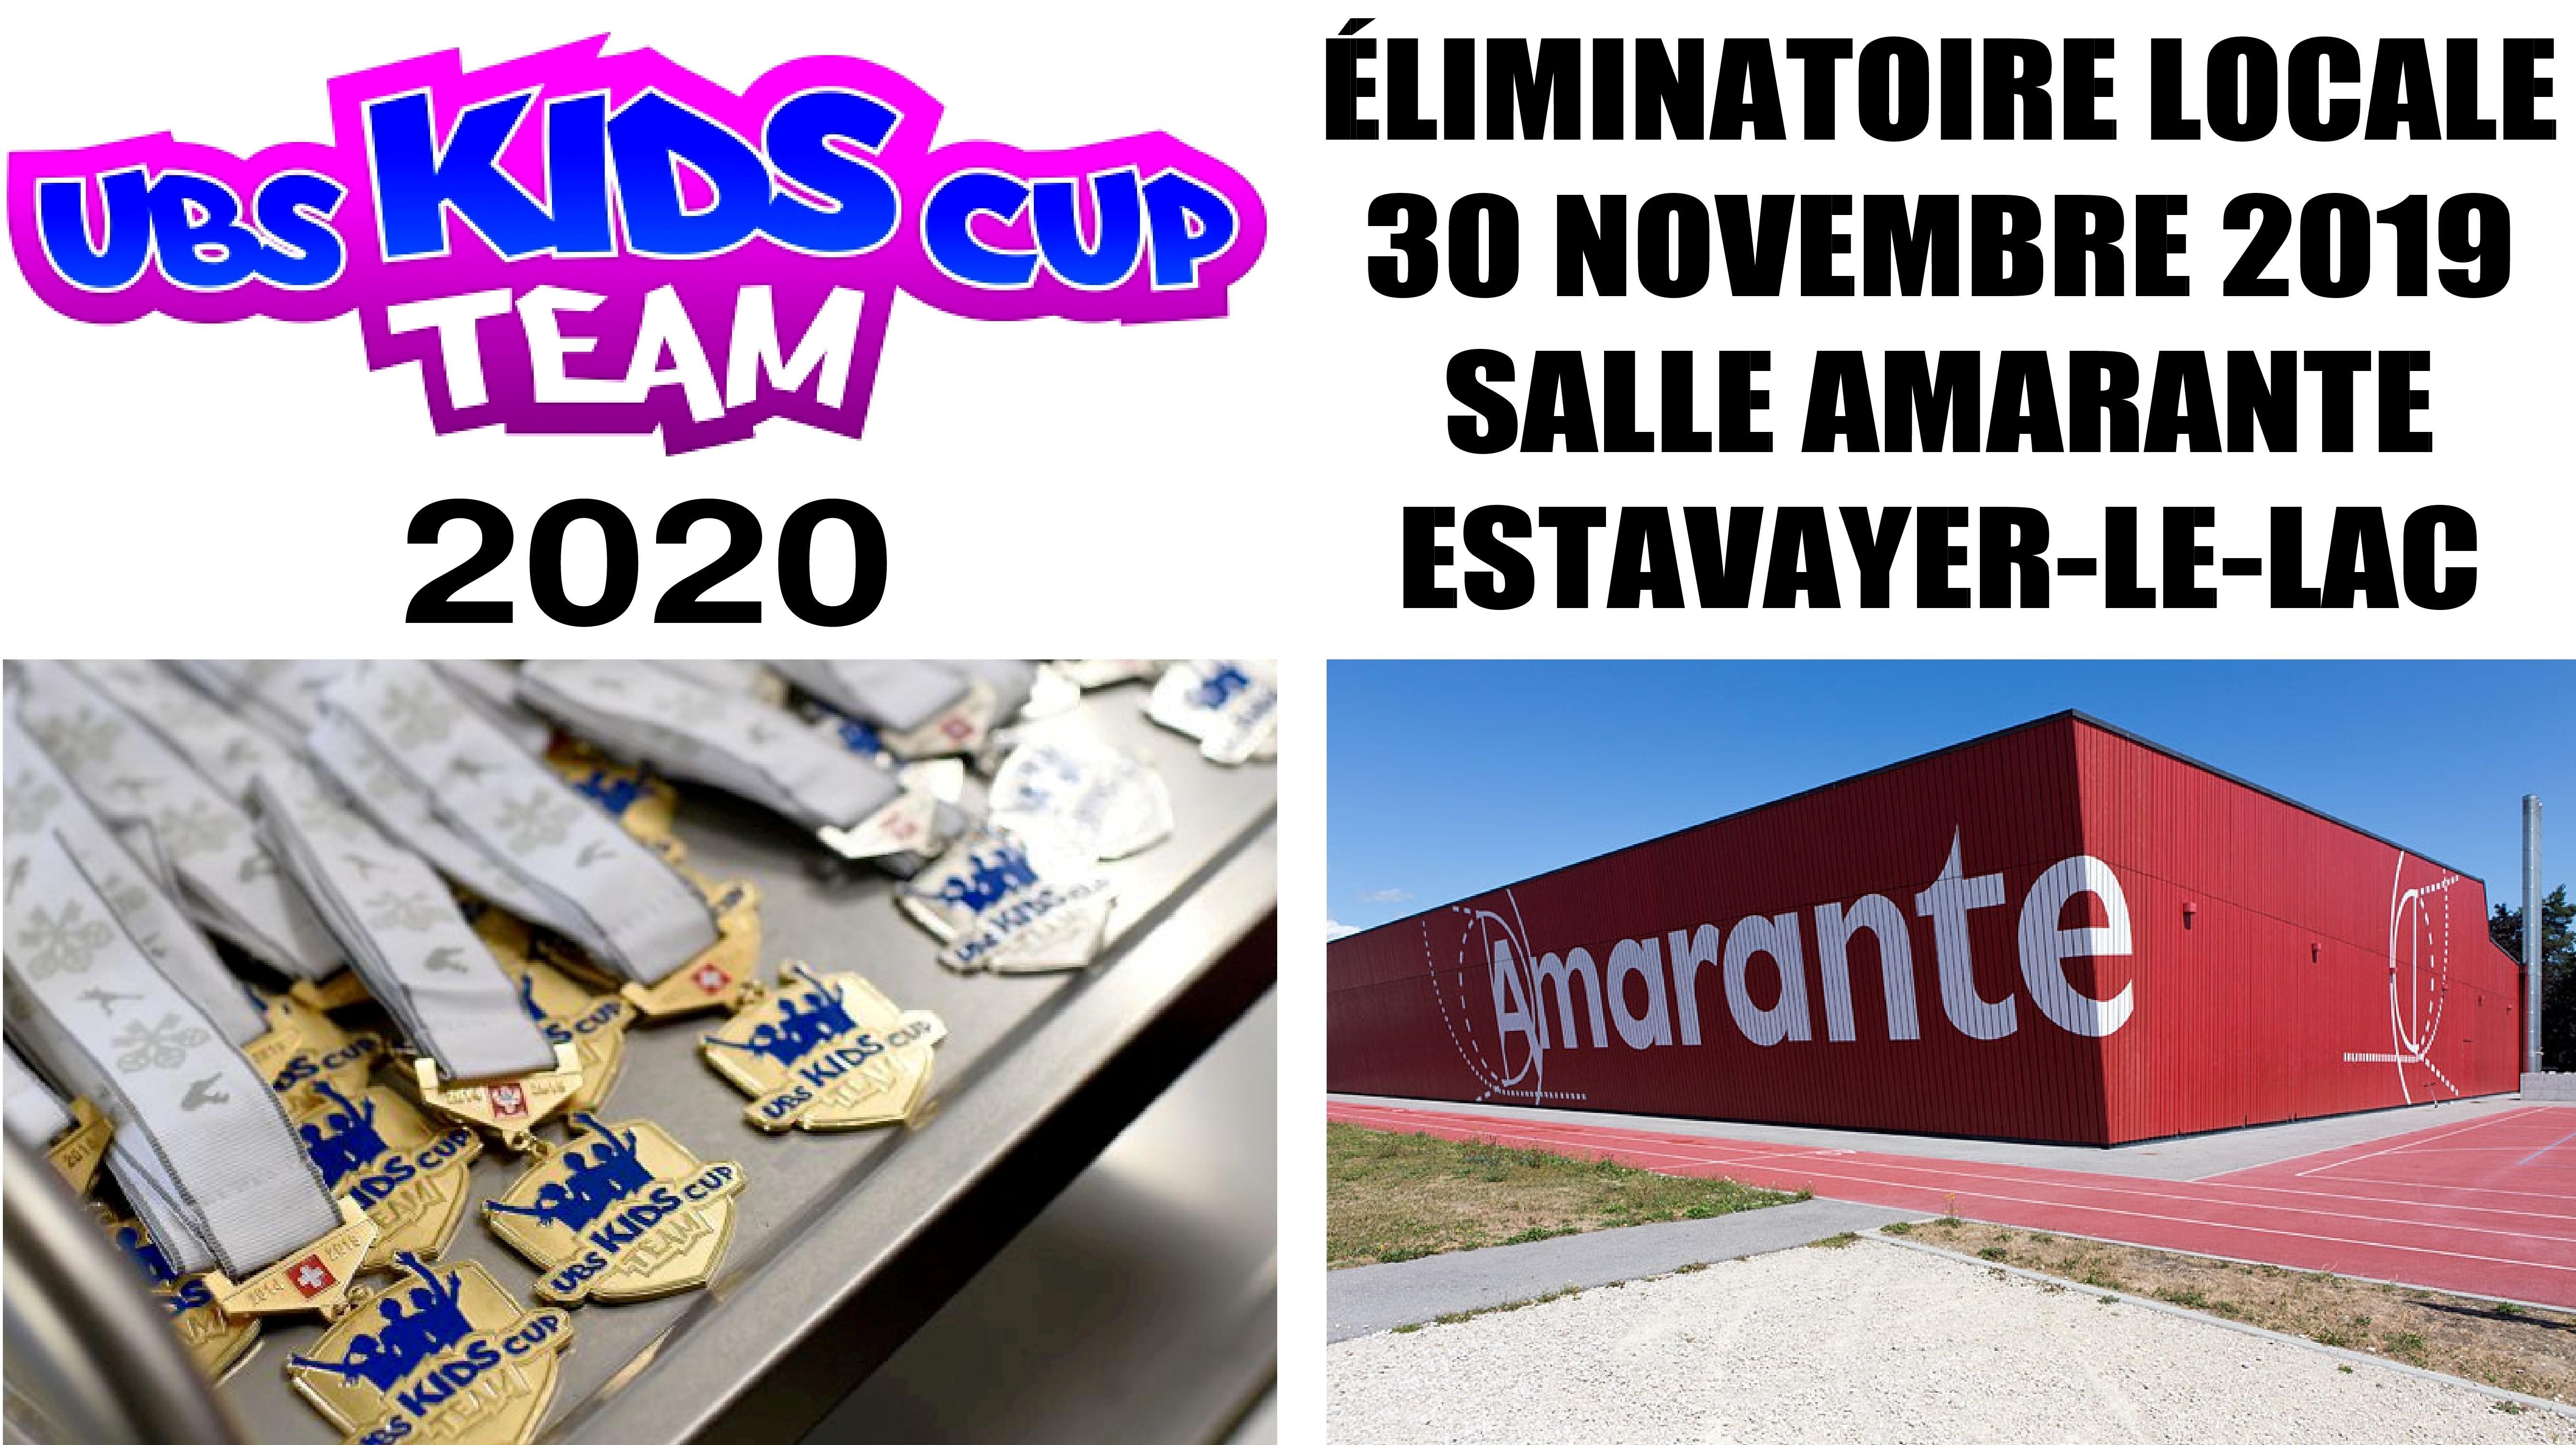 Éliminatoire UBS Kids Cup Team à Estavayer